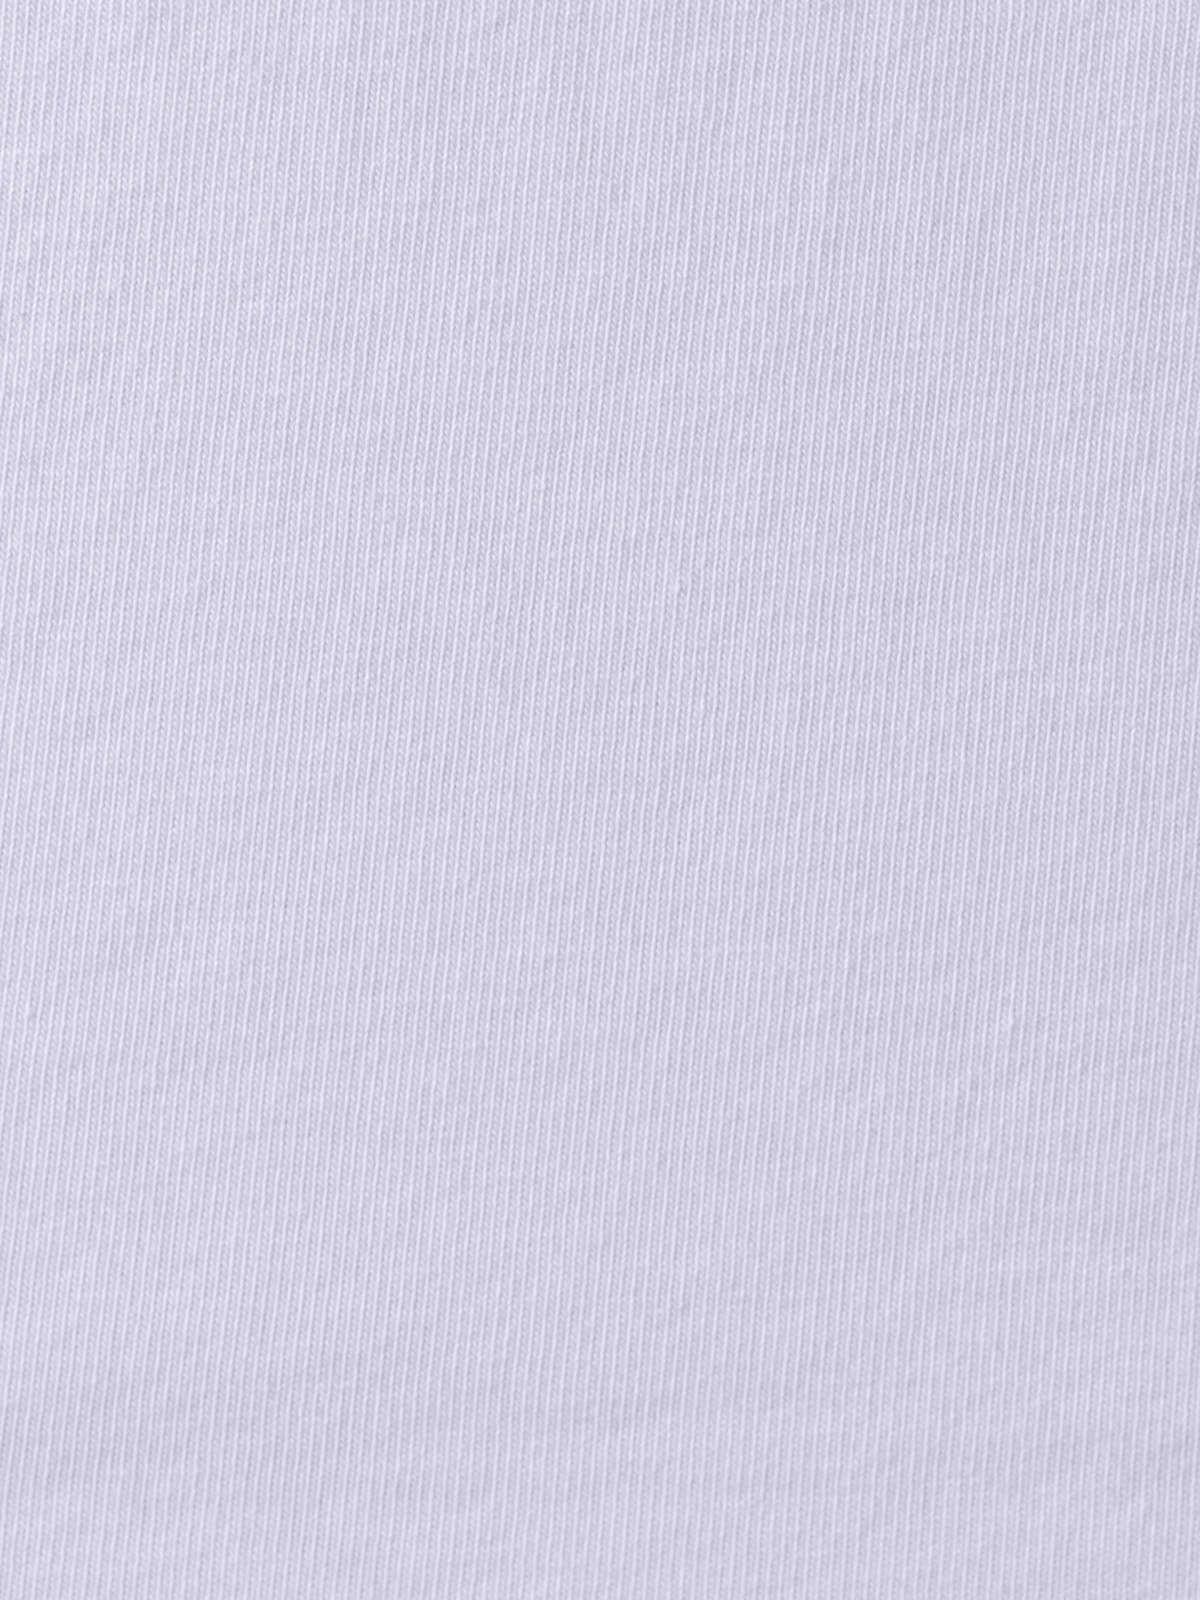 Woman Woman Digital printed t-shirt circulo